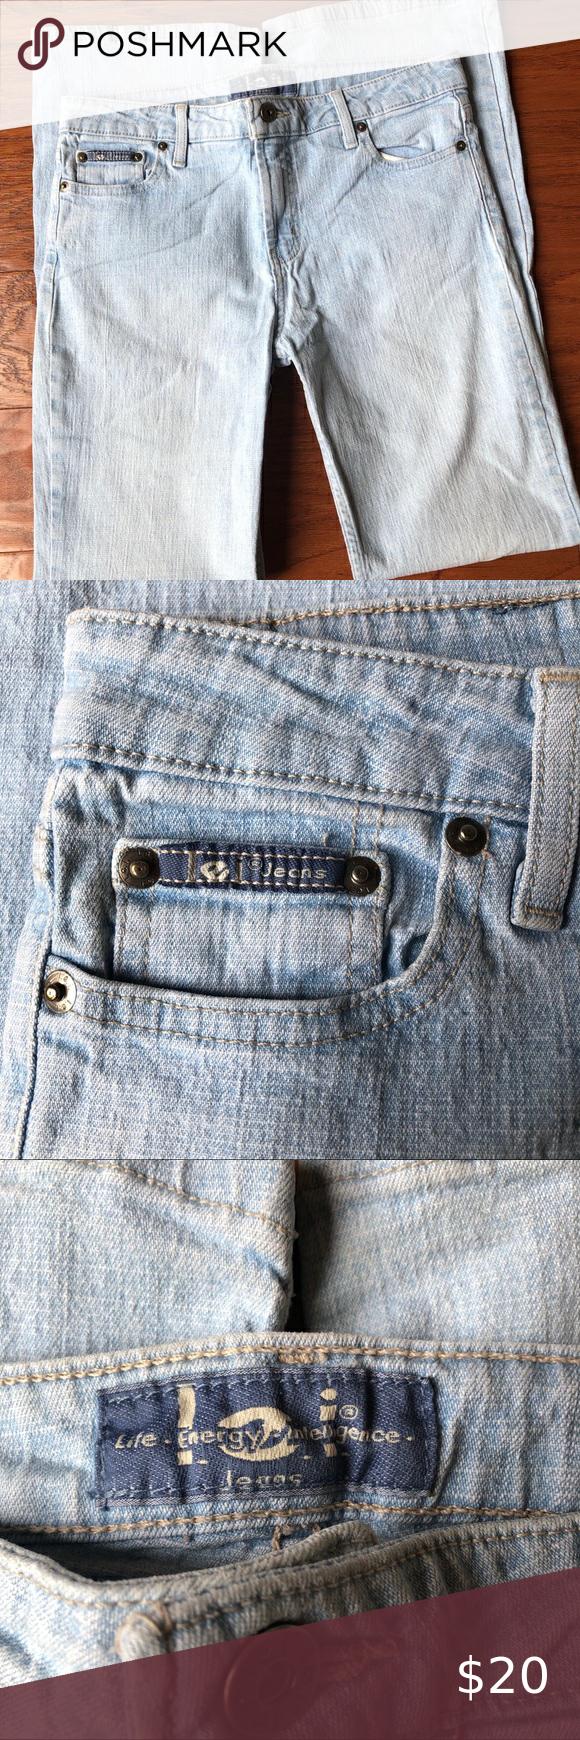 Euc L E I Size 9 Jrs Light Blue Jeans Light Blue Jeans Blue Jeans Clothes Design